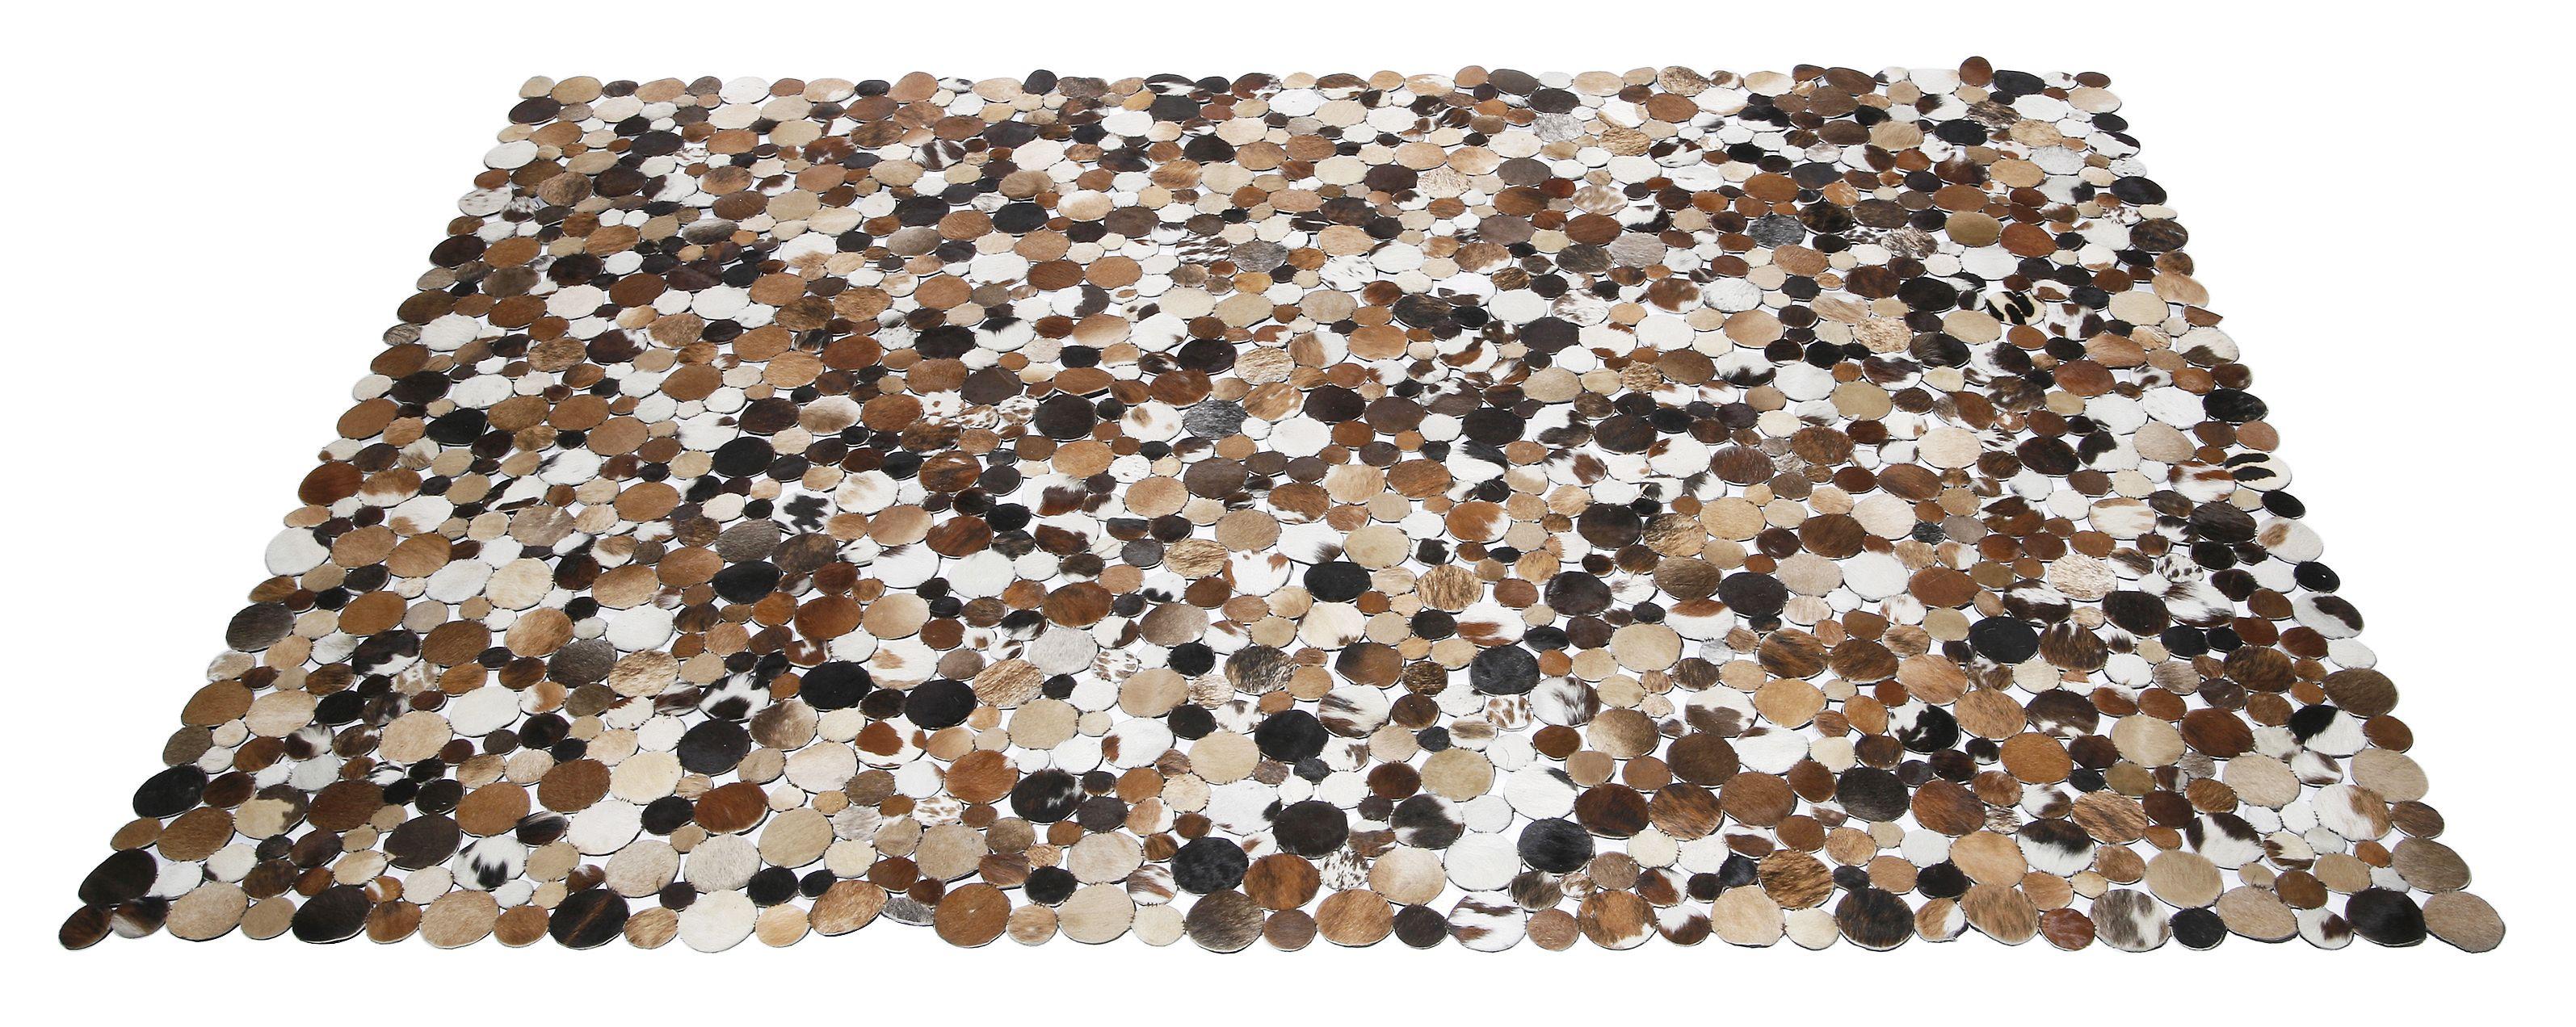 KARE Design Teppich Circle Country 170x240 in verschiedenen Kuhfellmustern und verschiedenen Größen erhältlich, aus Echtleder, mit Kuhfellkreisen und einer Rückseite aus Wildleder. #KARE #KAREDesign